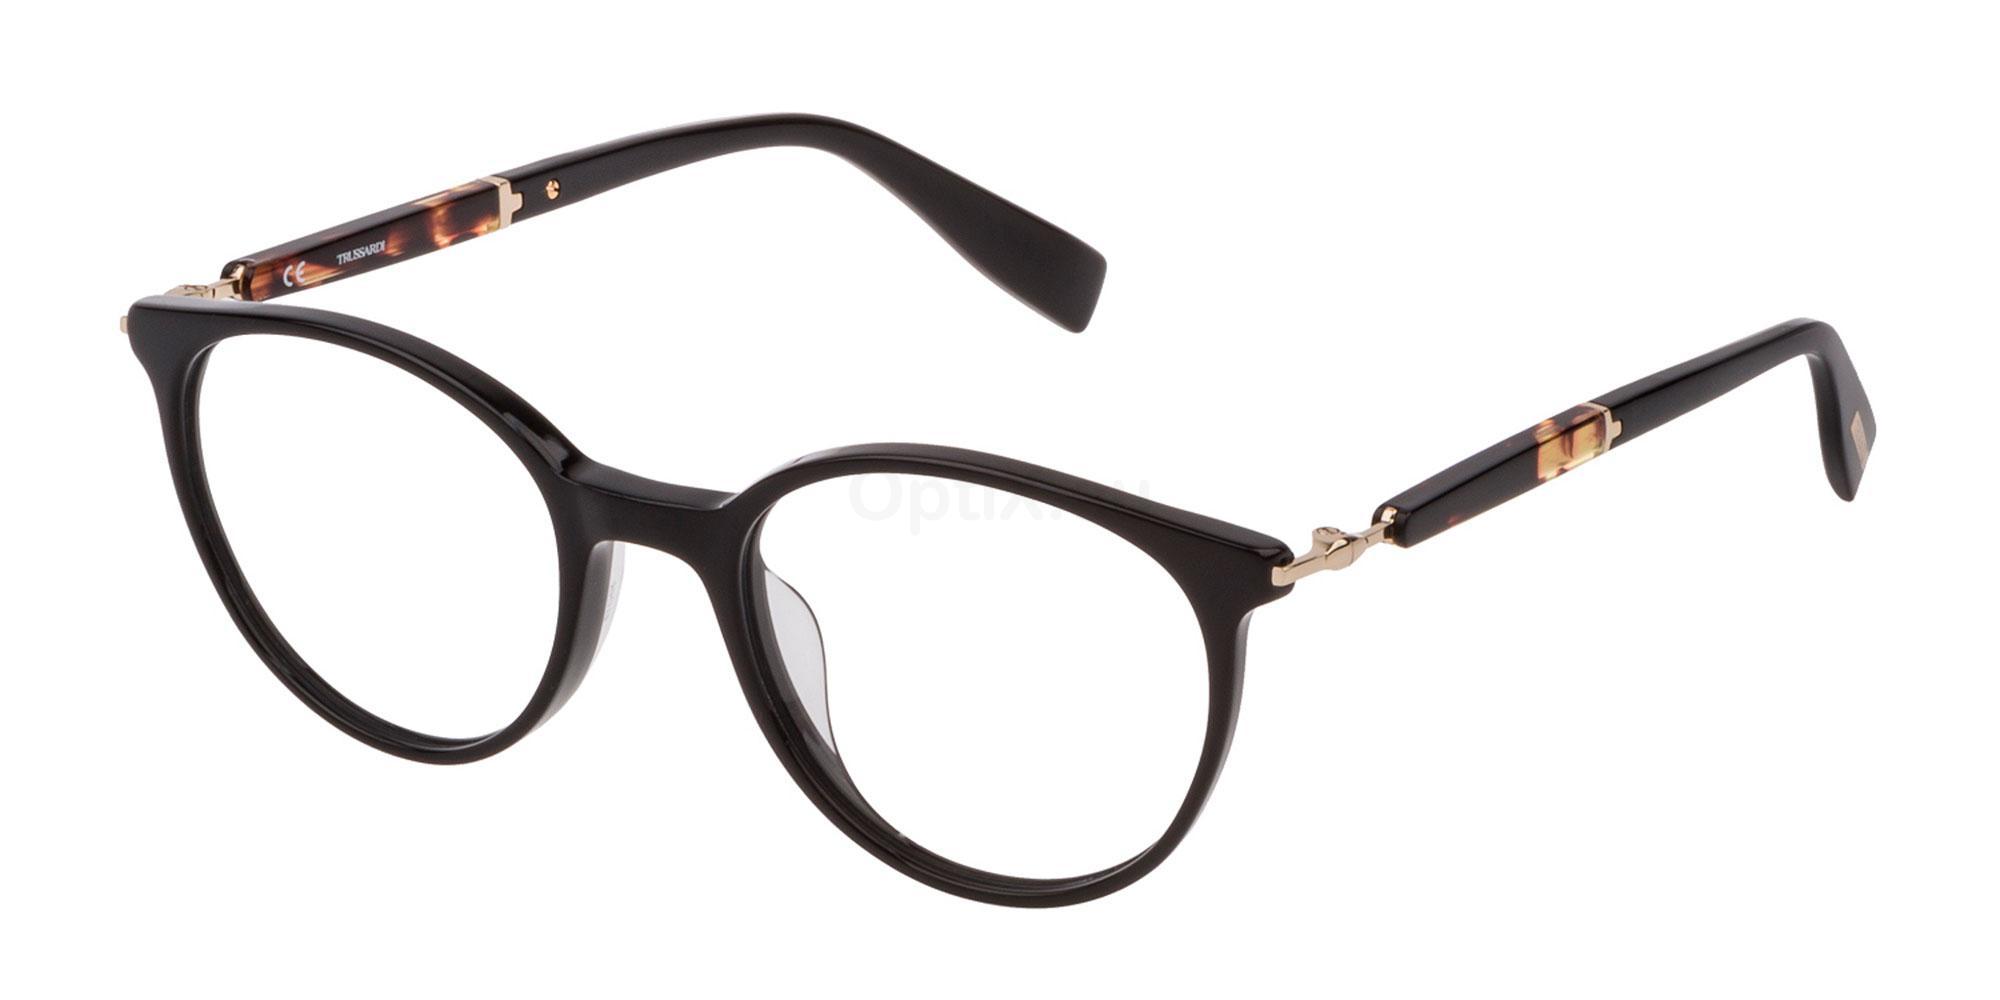 0700 VTR351 Glasses, Trussardi